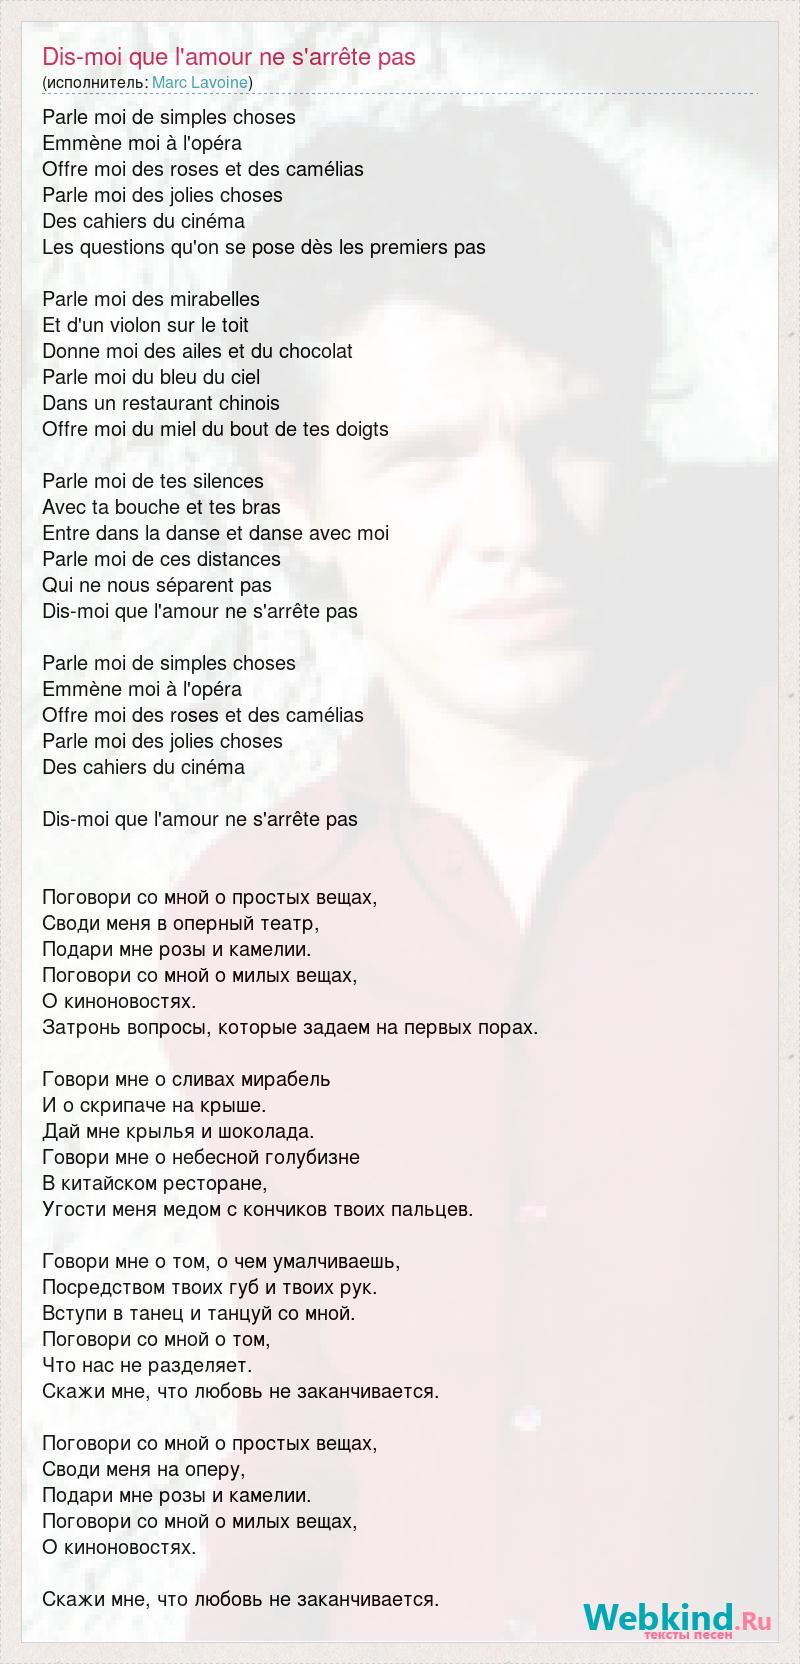 Paroles Dis Moi Que L'amour Ne S'arrete Pas - Marc Lavoine